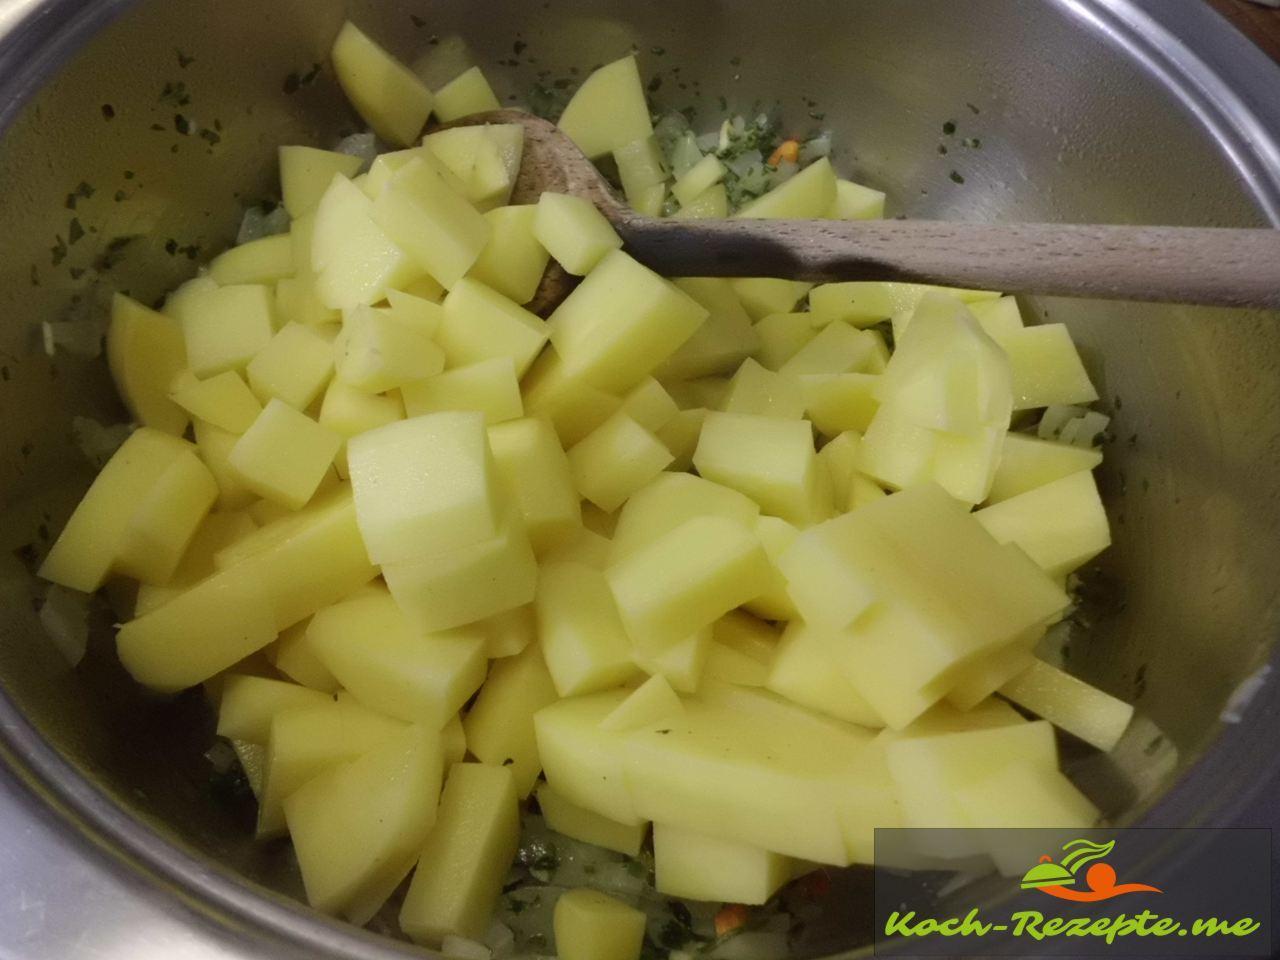 dann die Kartoffelwürfel anbraten für die Kichererbsensuppe